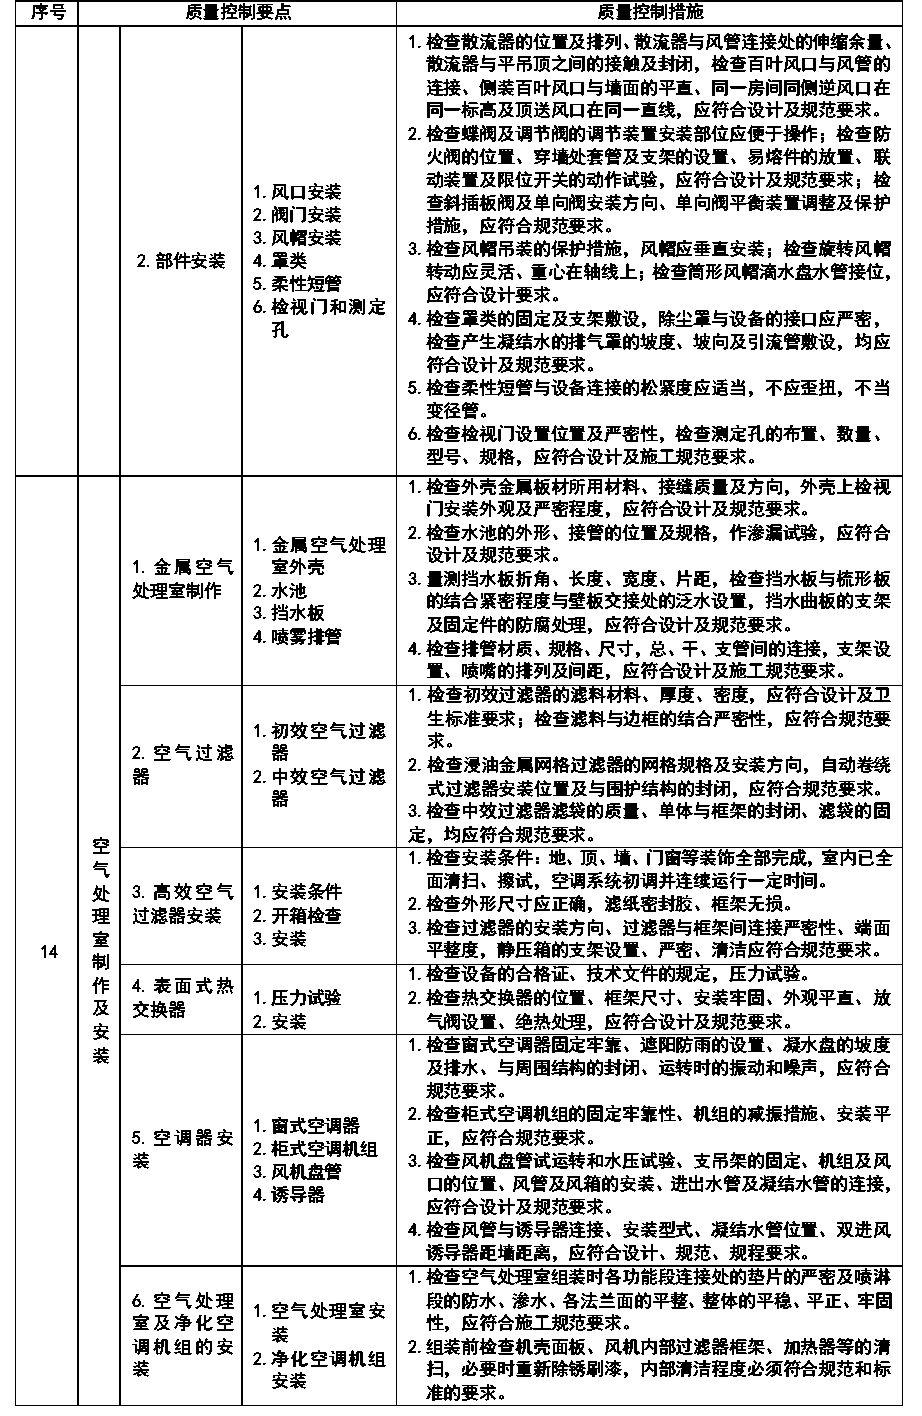 通风与空调安装工程施工质量监理实施细则参考手册_14